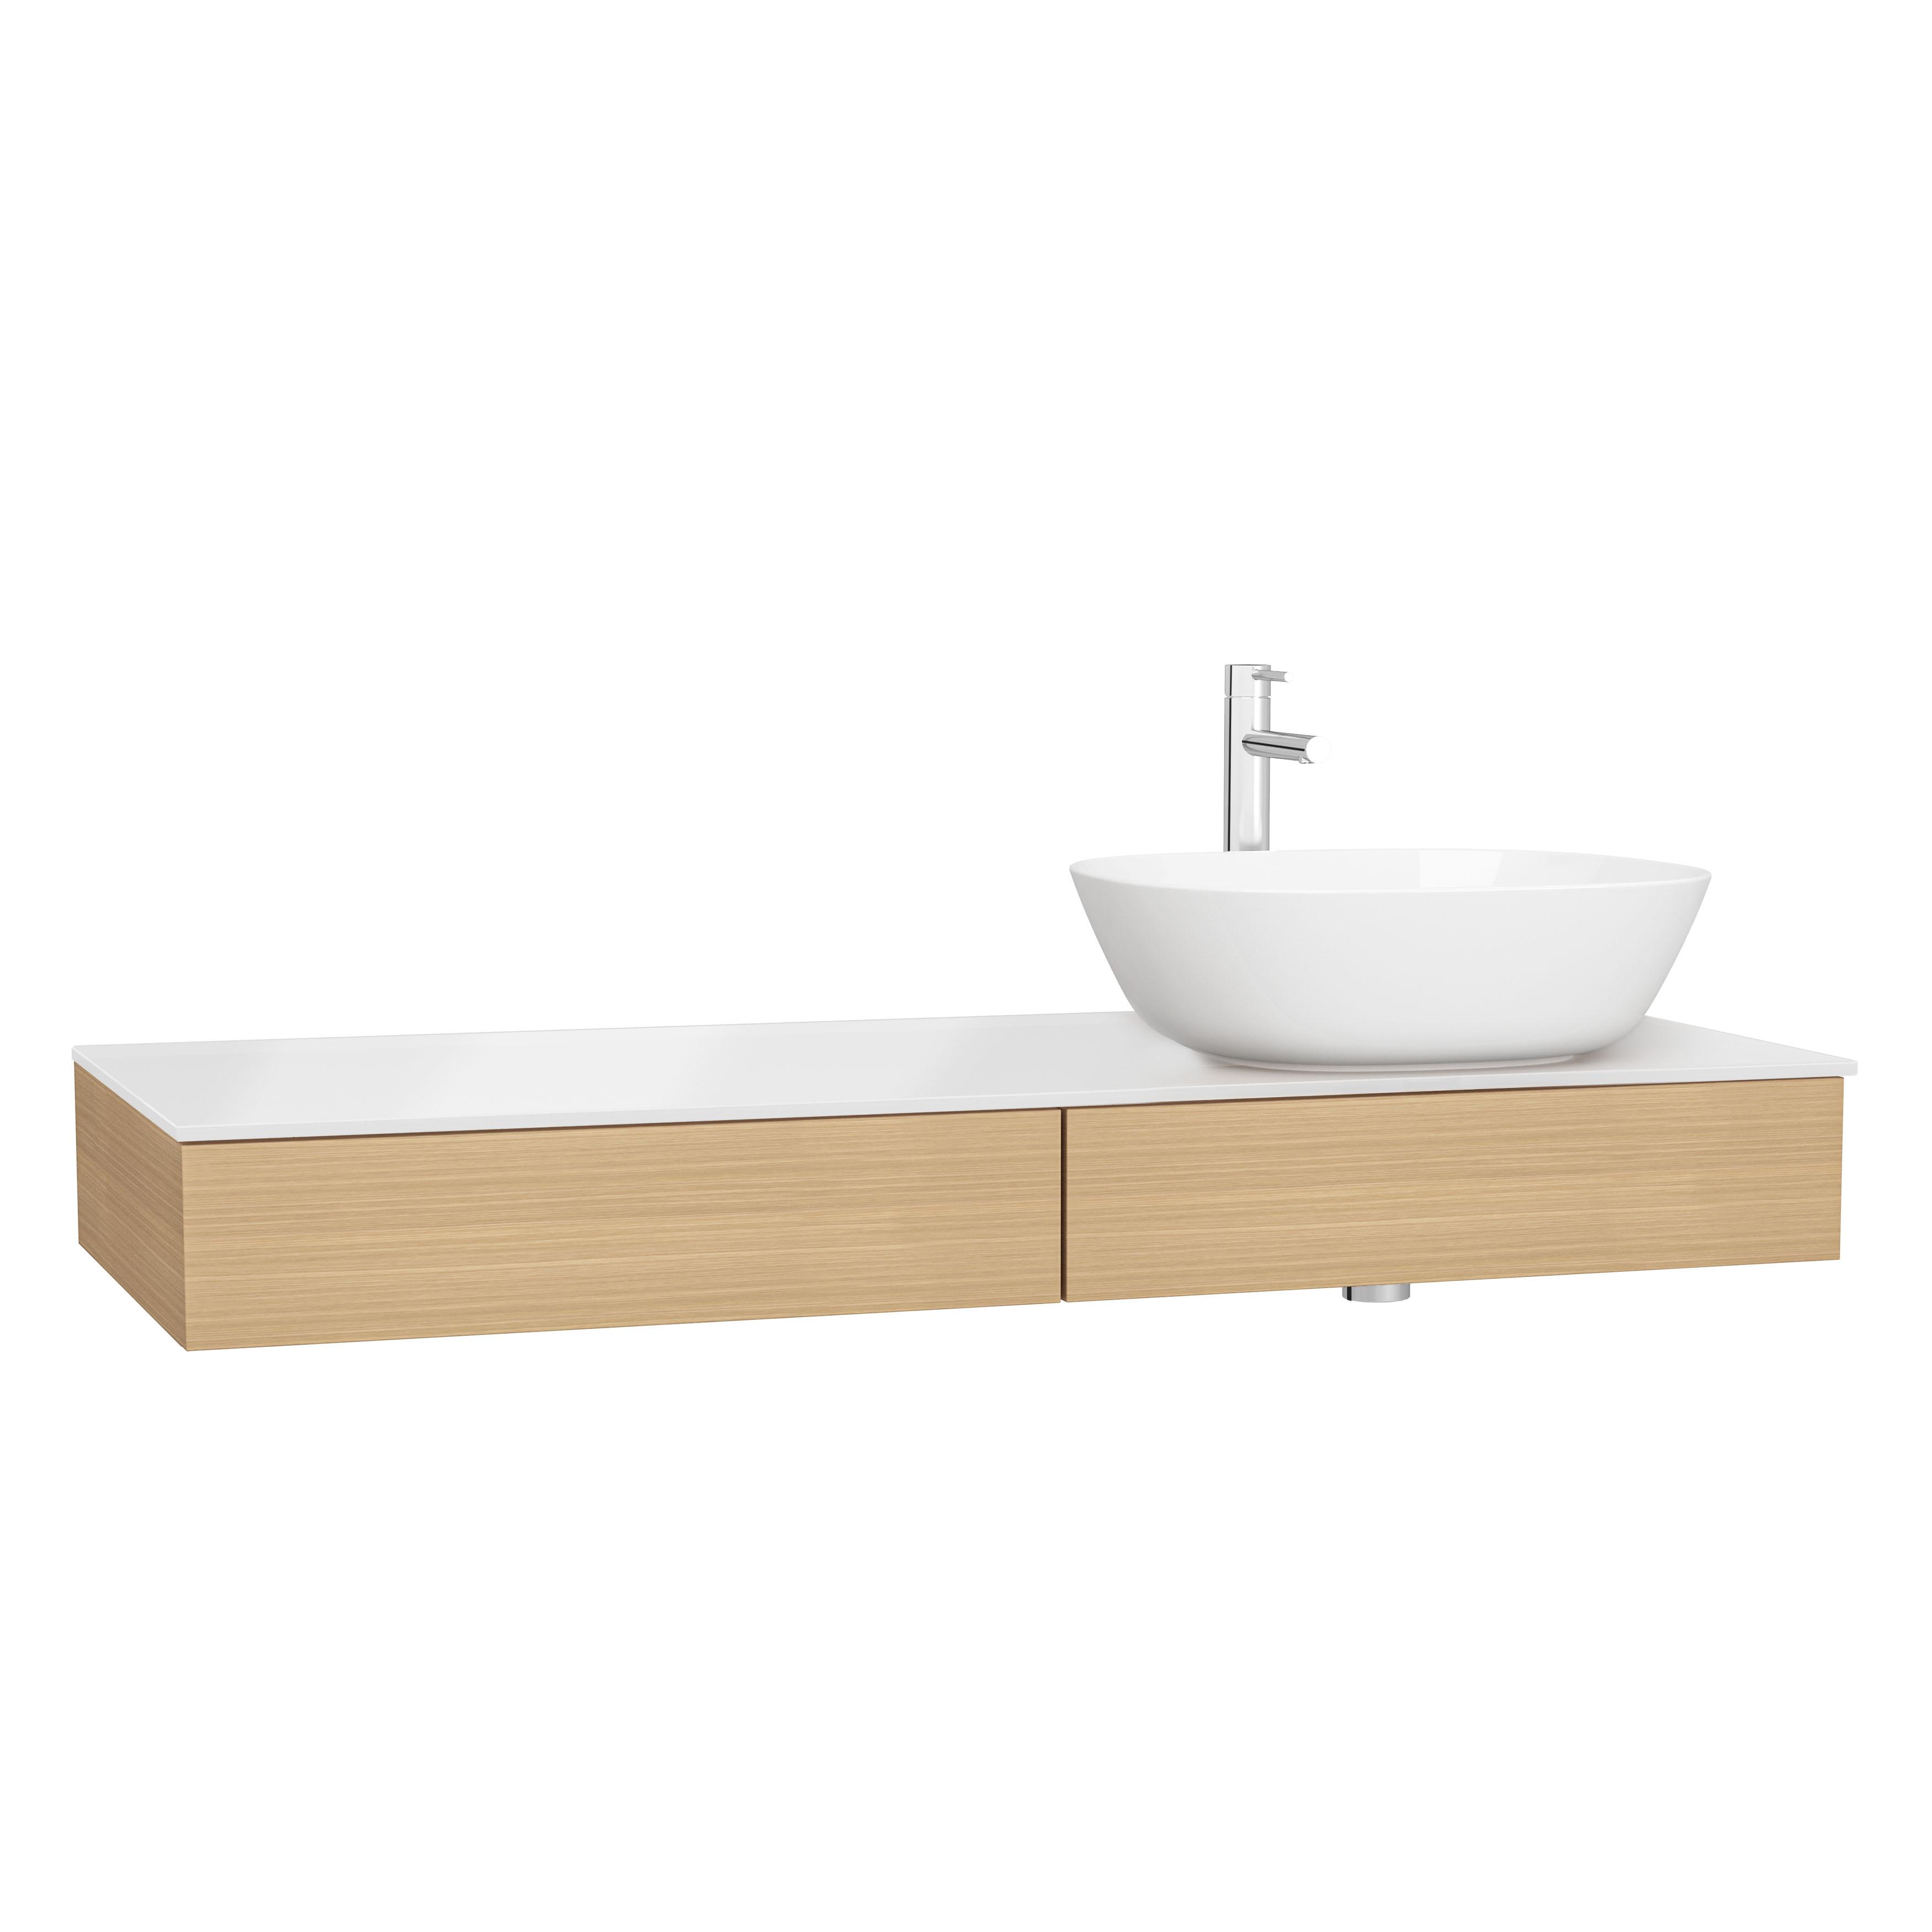 Origin plan de toilette avec tiroir, 120 cm, chêne ferrera, droite